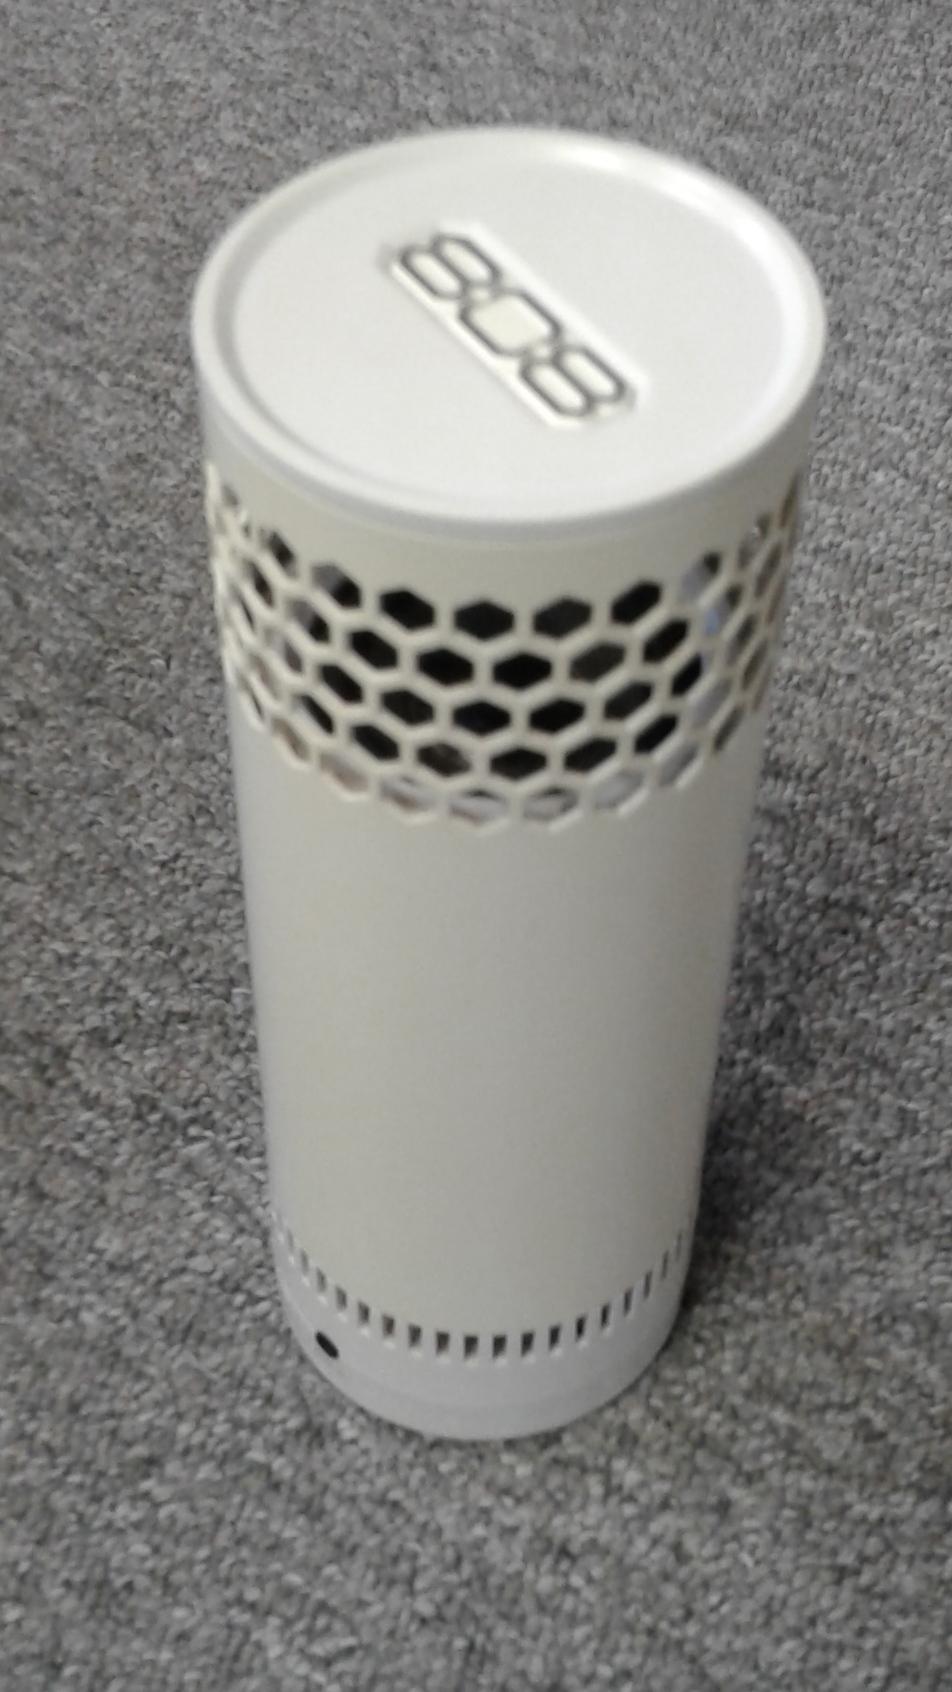 808 SP871 BLU-TOOTH SPEAKER